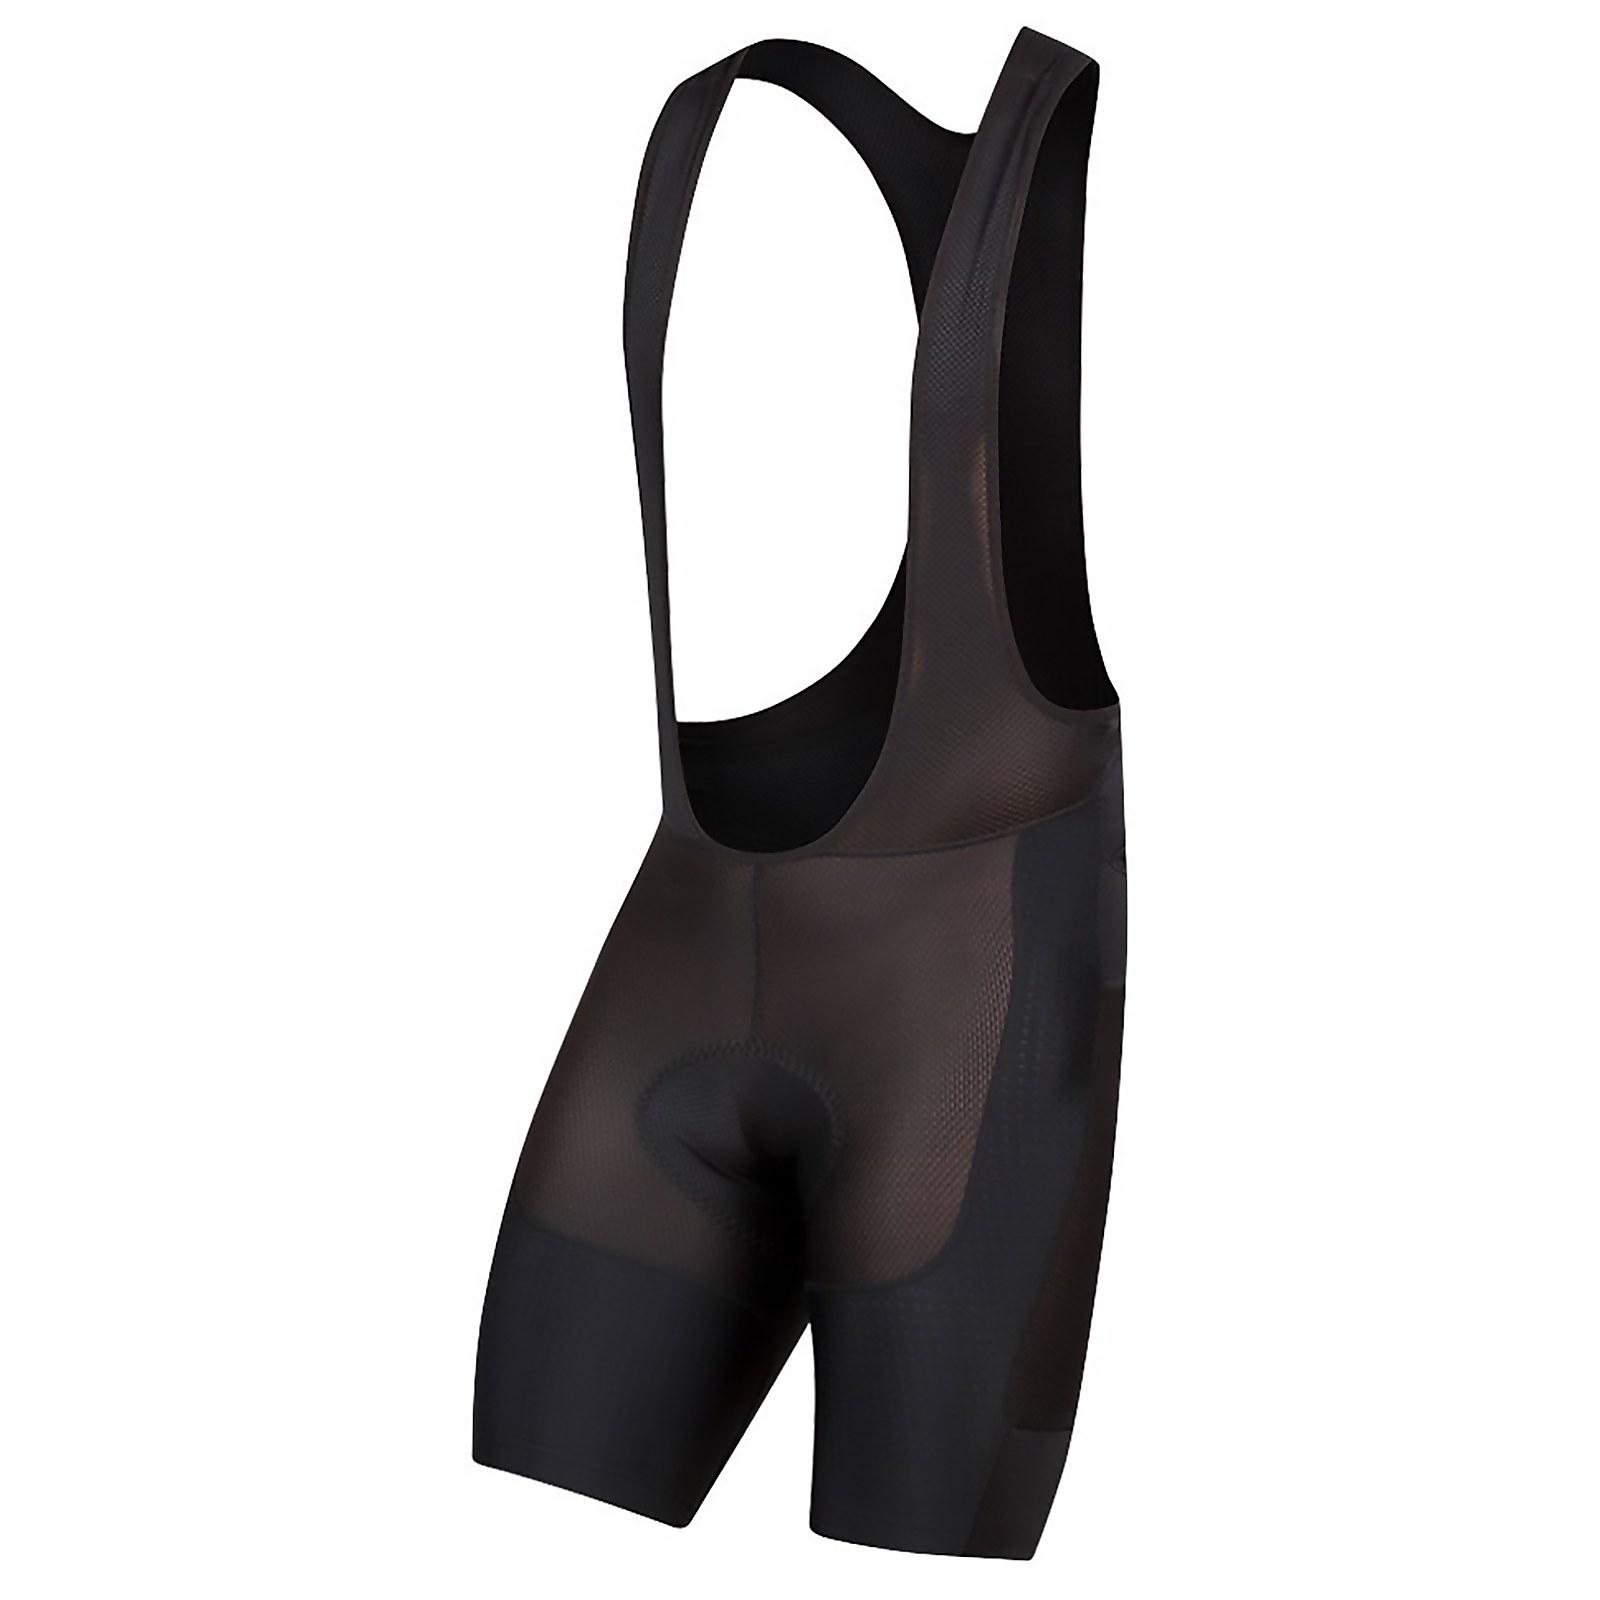 Pearl Izumi Cargo Bib Liner Shorts - XXL - Black